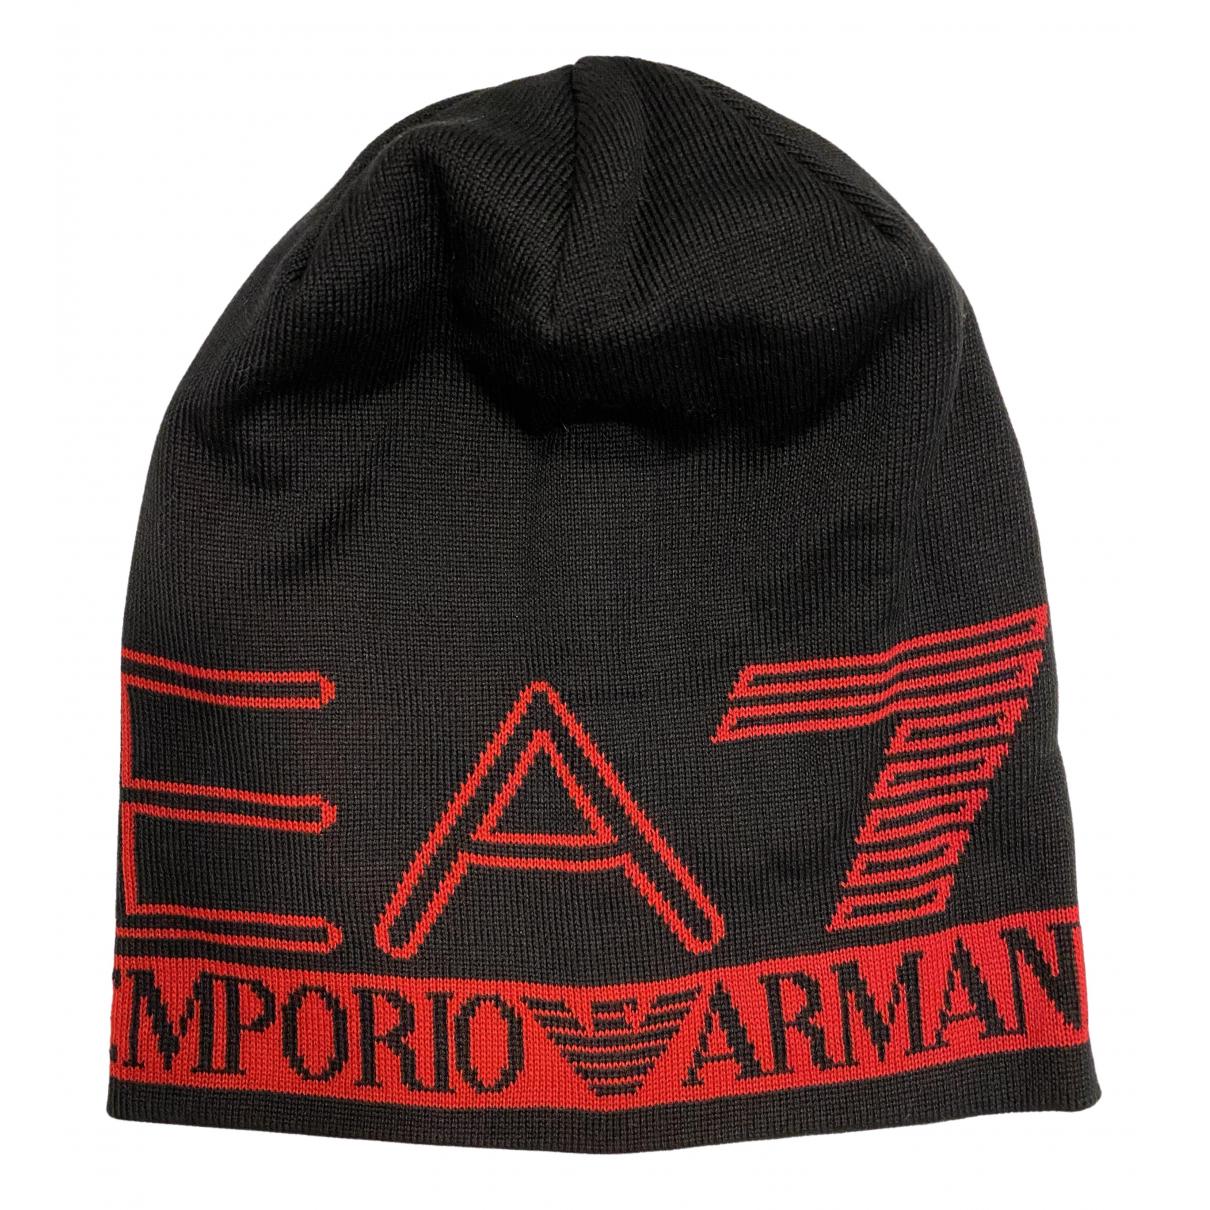 Emporio Armani \N Hut, Muetzen in  Schwarz Wolle